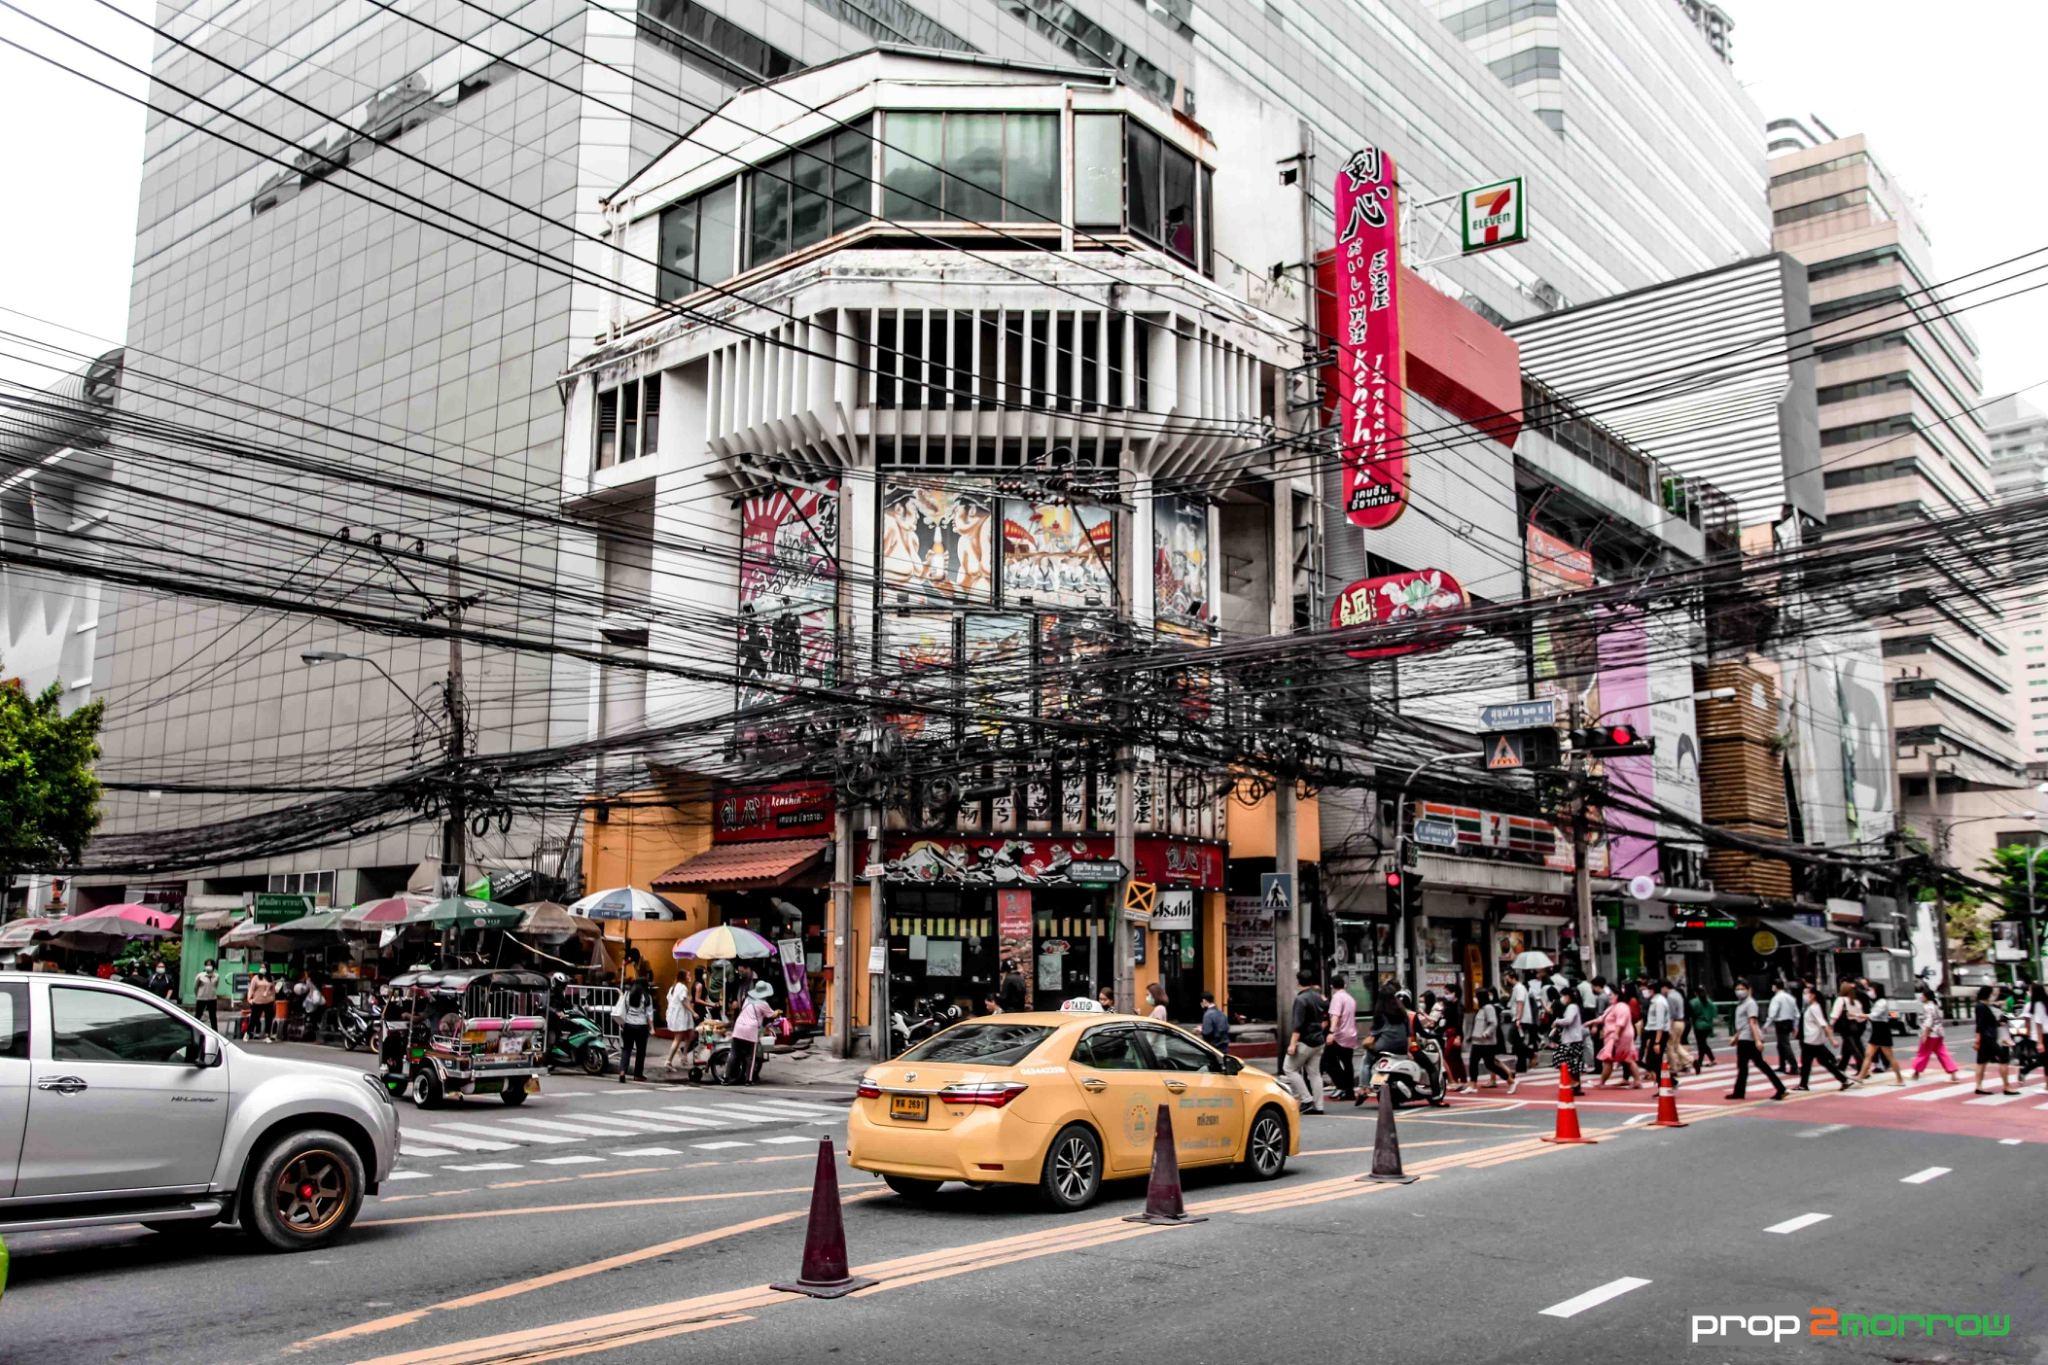 เจาะลึกย่านอโศก HUB of BANGKOK กิน อยู่ เที่ยว ทำงาน จบที่เดียว | Prop2Morrow บ้าน คอนโด ข่าวอสังหาฯ